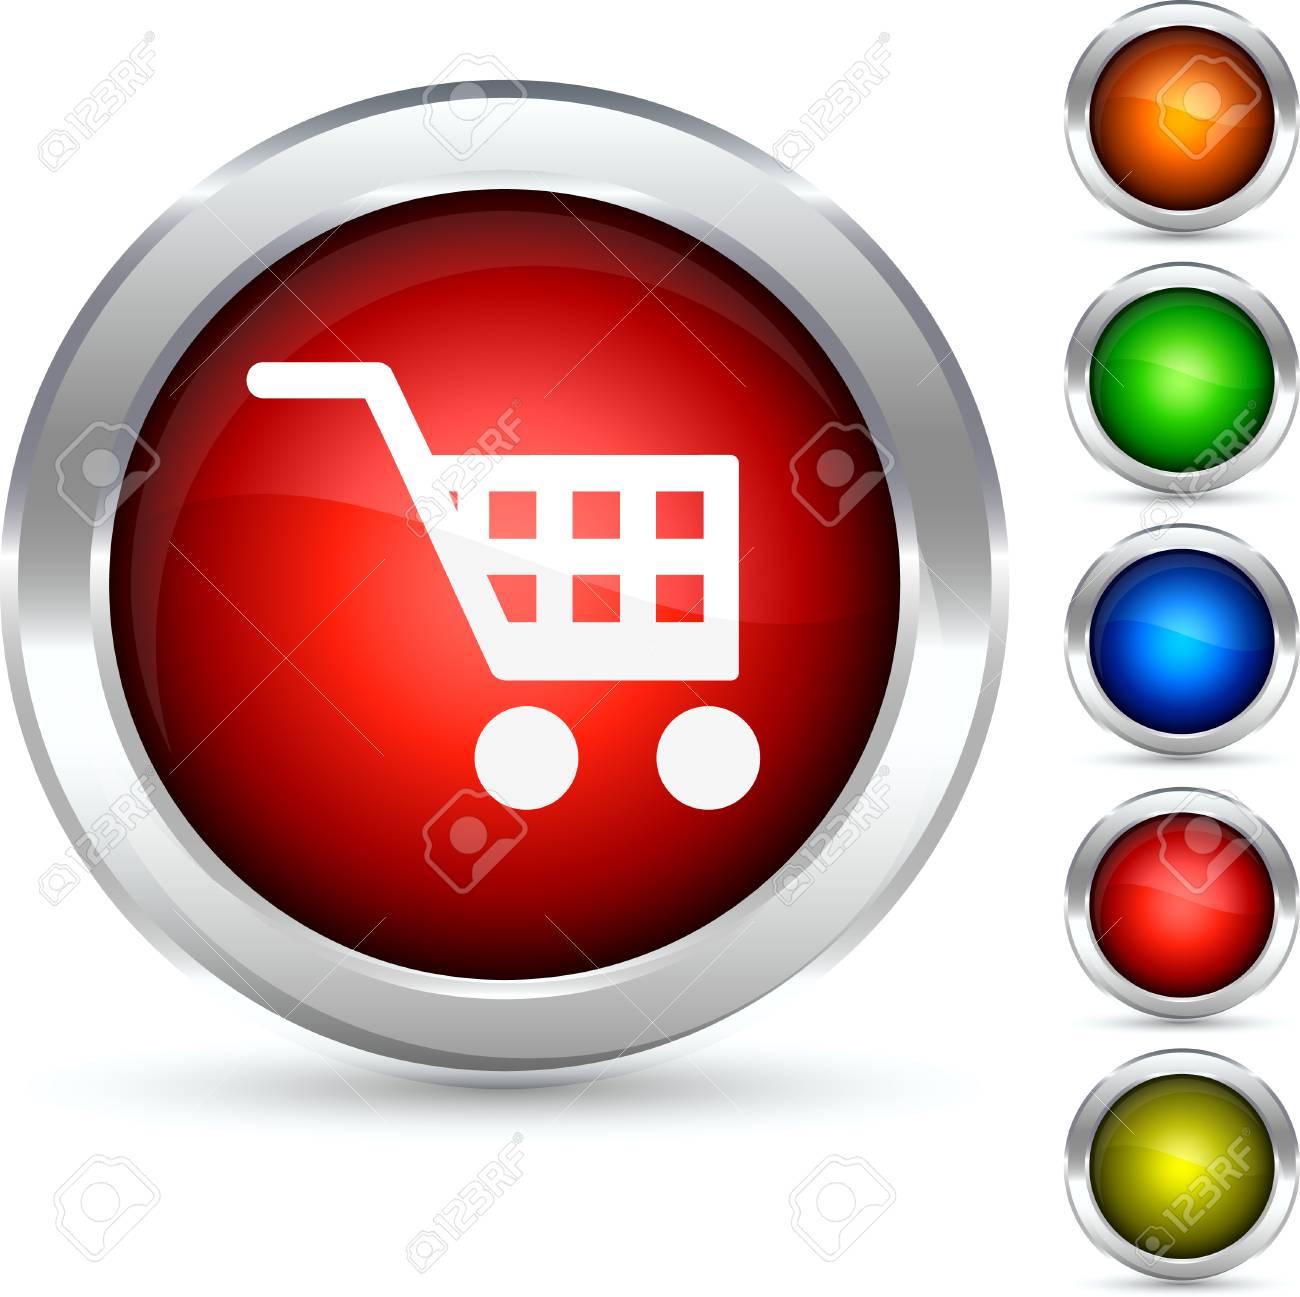 Shopping detailed button. Vector illustration. Stock Vector - 5304215